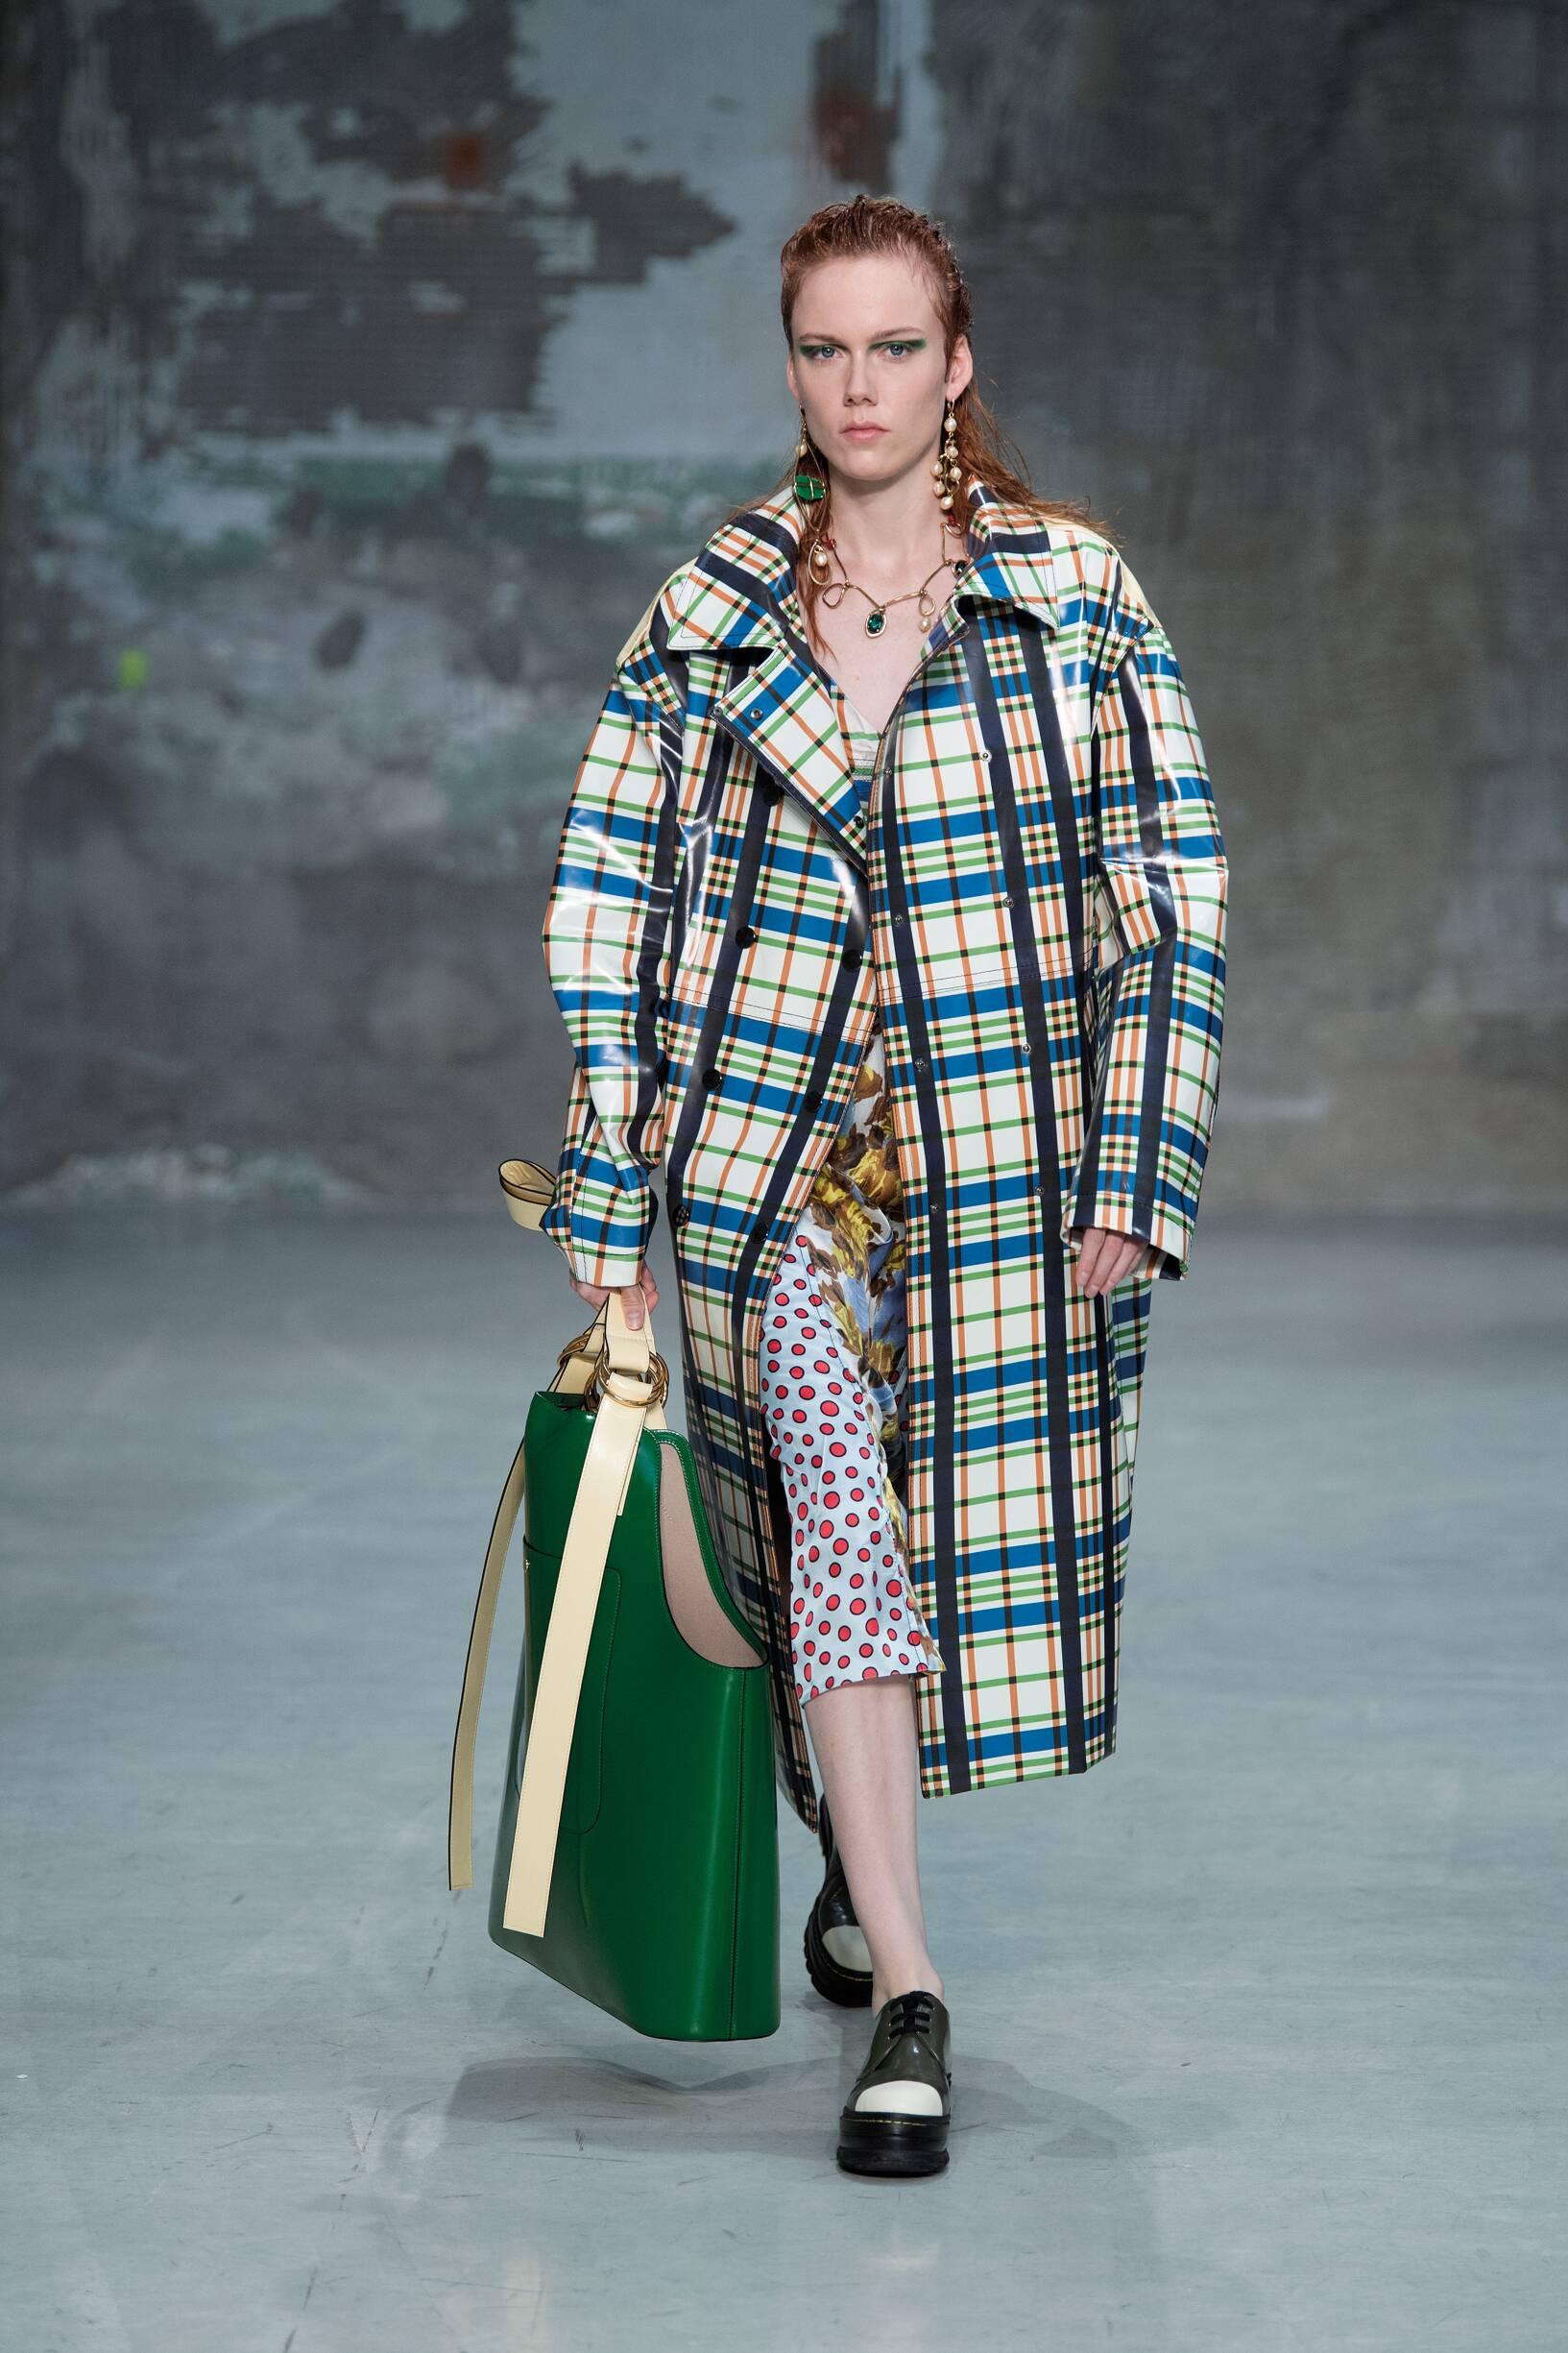 Marni SS 2018 Womenswear